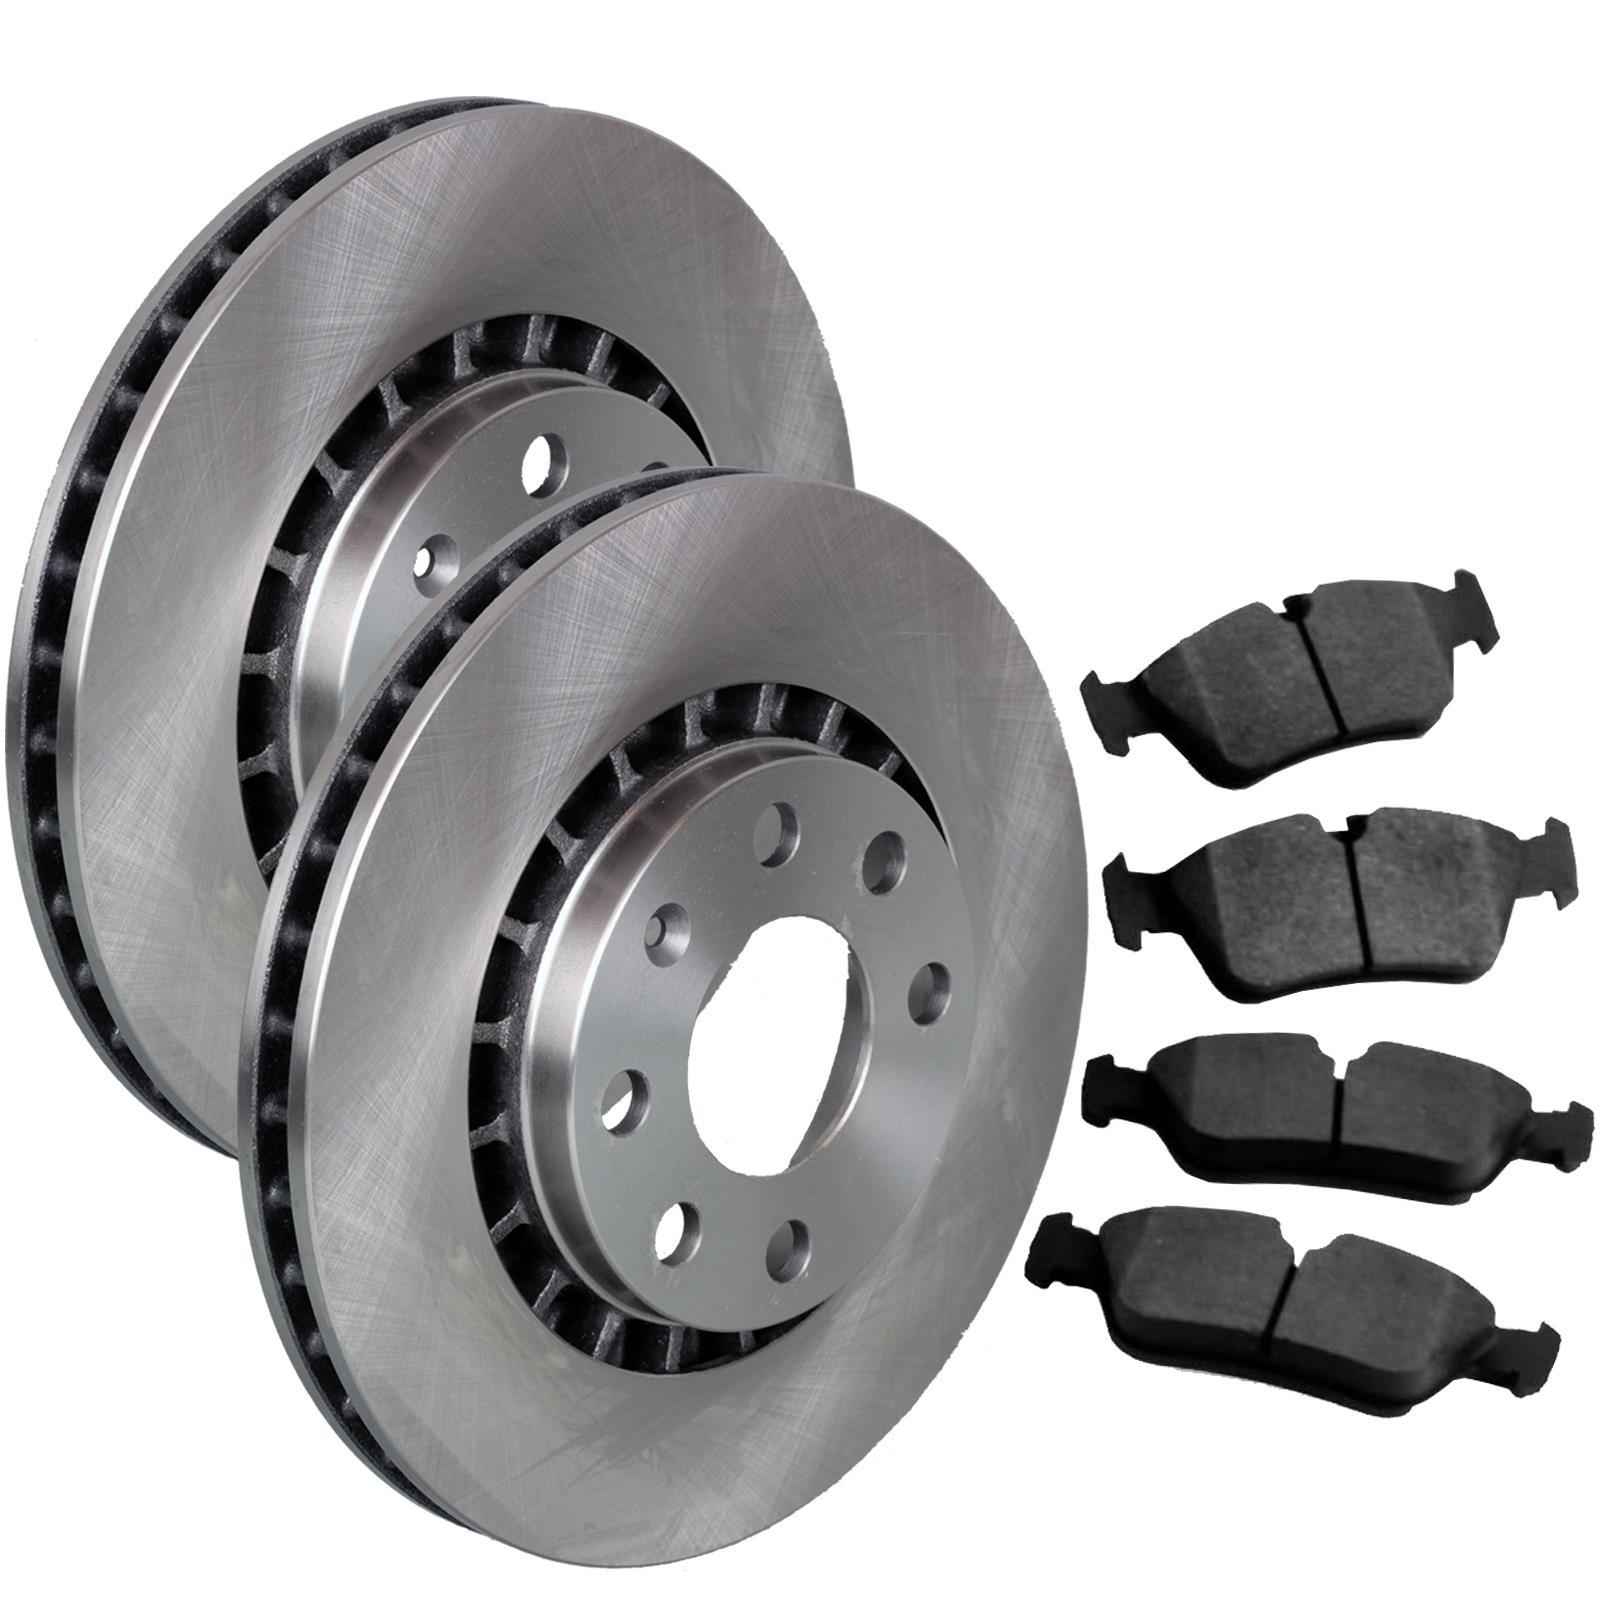 Bremsscheiben Bremsen Bremsbel/äge vorne Bremsbacken Set f/ür hinten